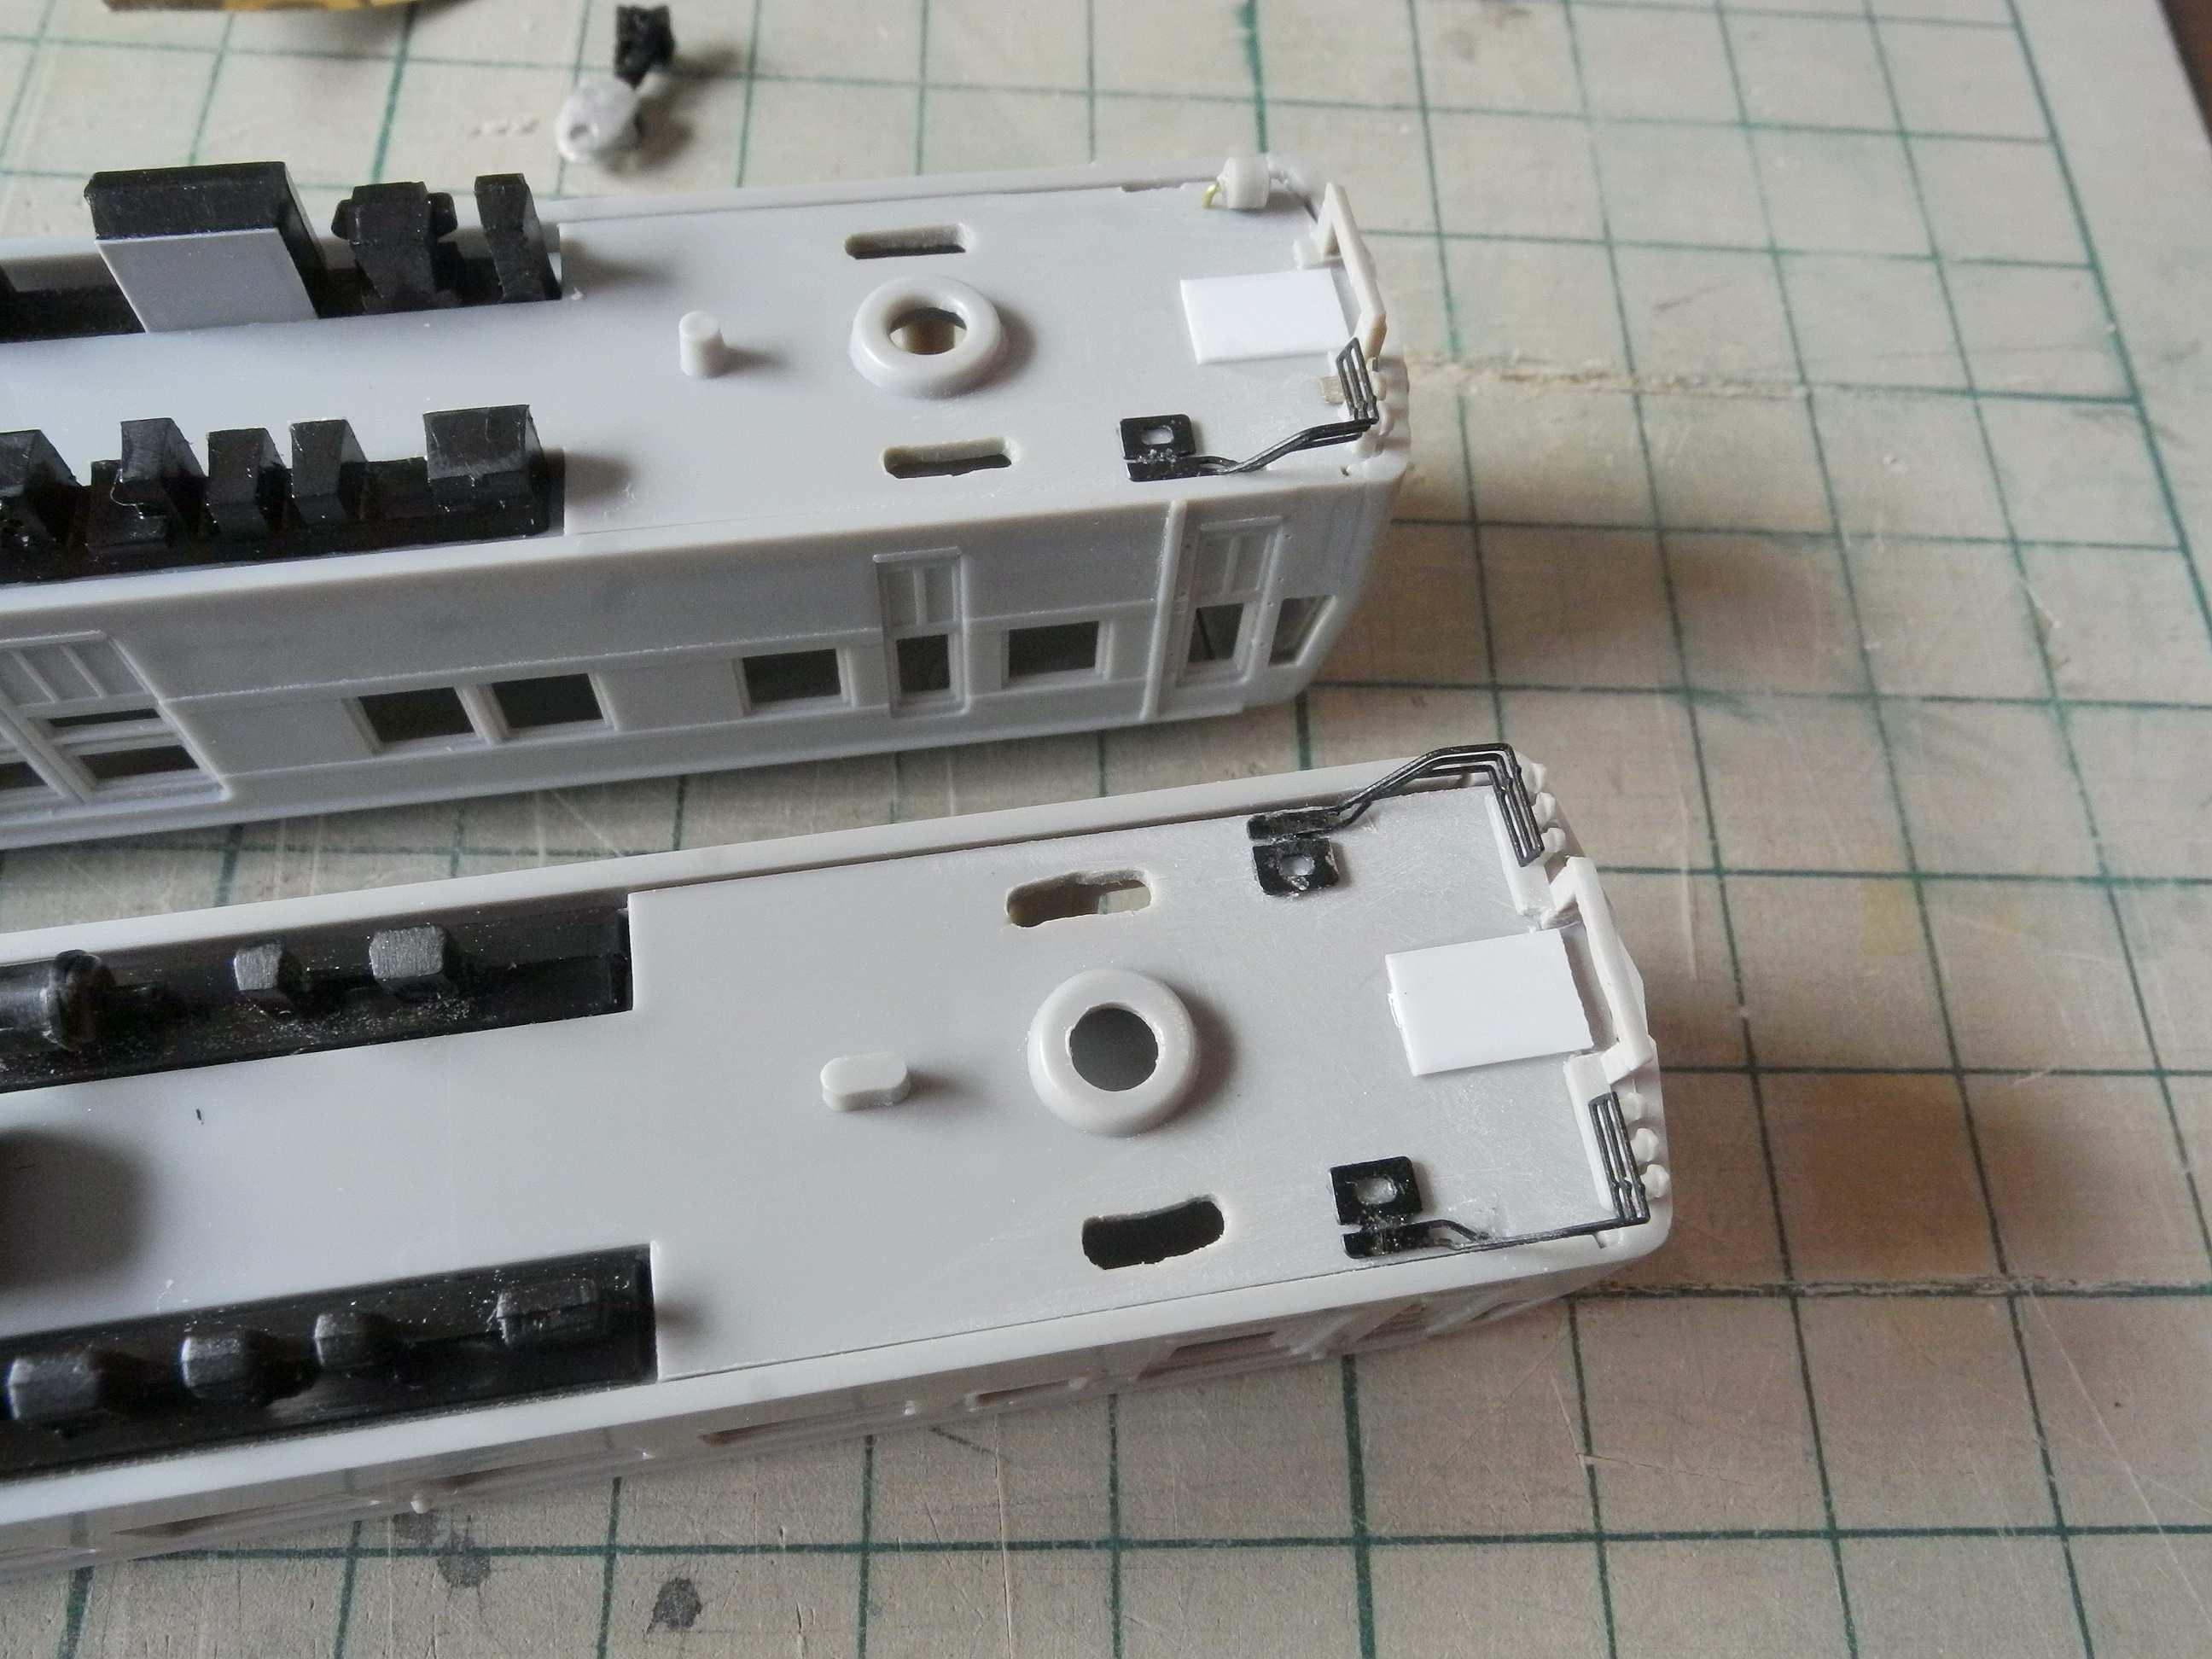 DSCN7506-1.jpg